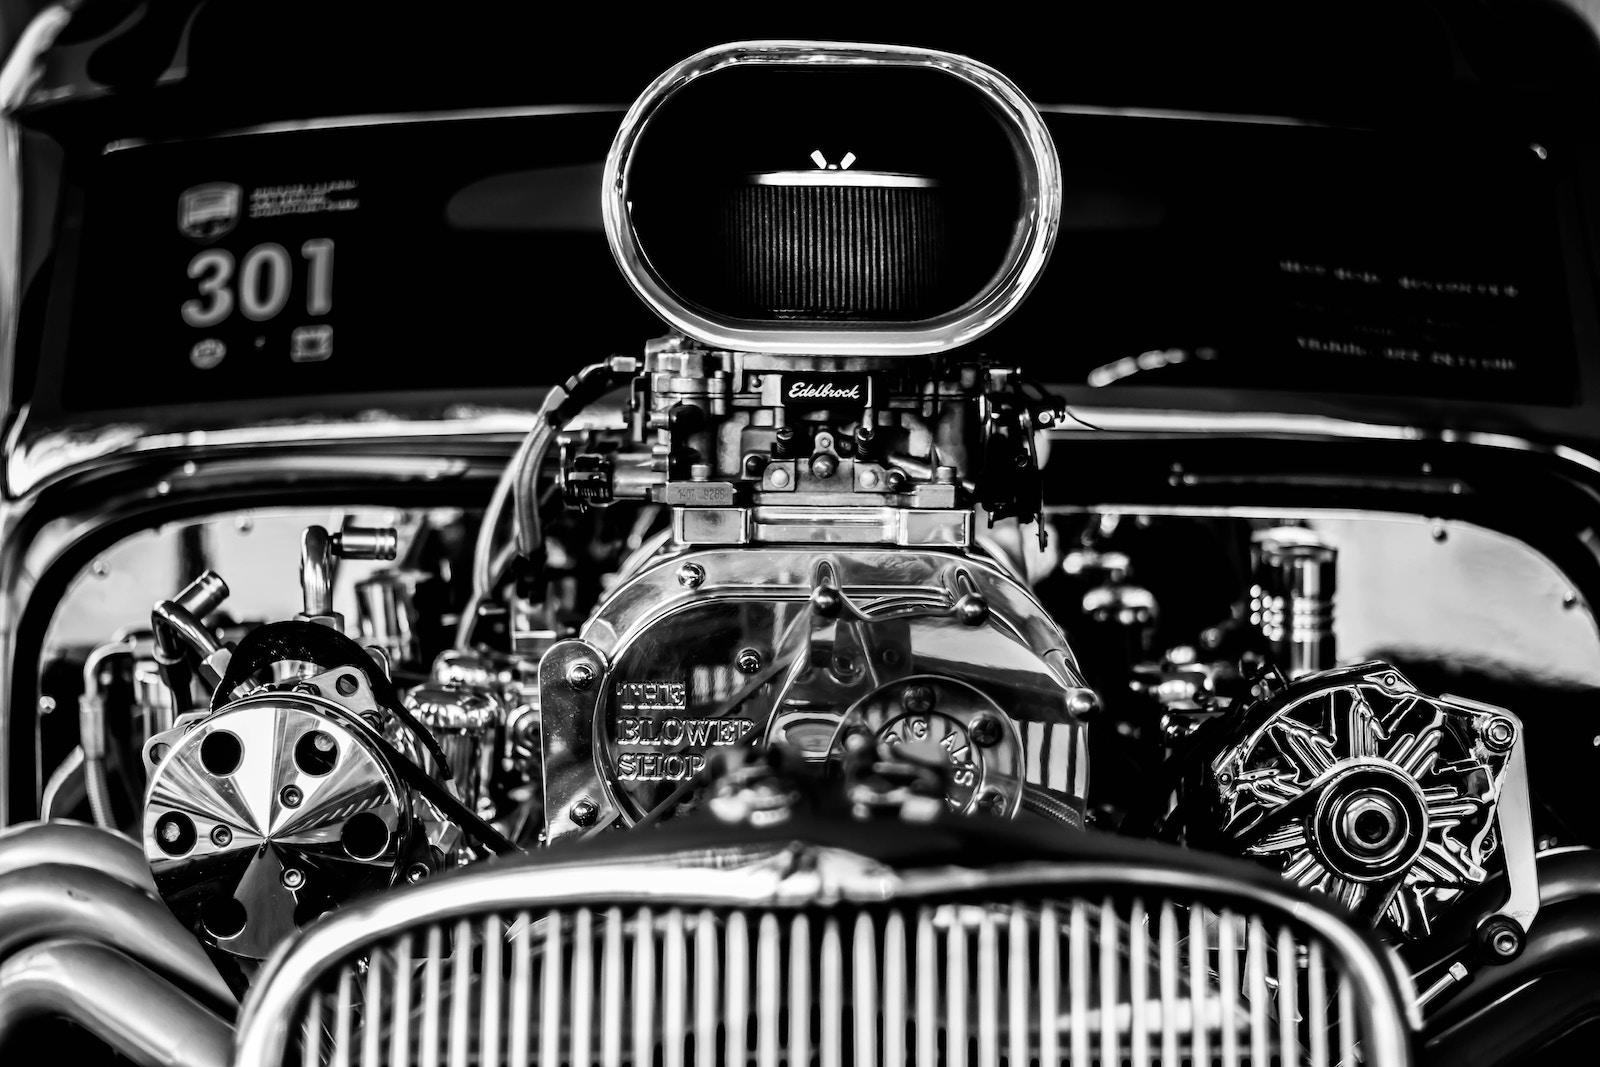 2017-й — фінал для двигунів внутрішнього згоряння. Принаймні, у Європі